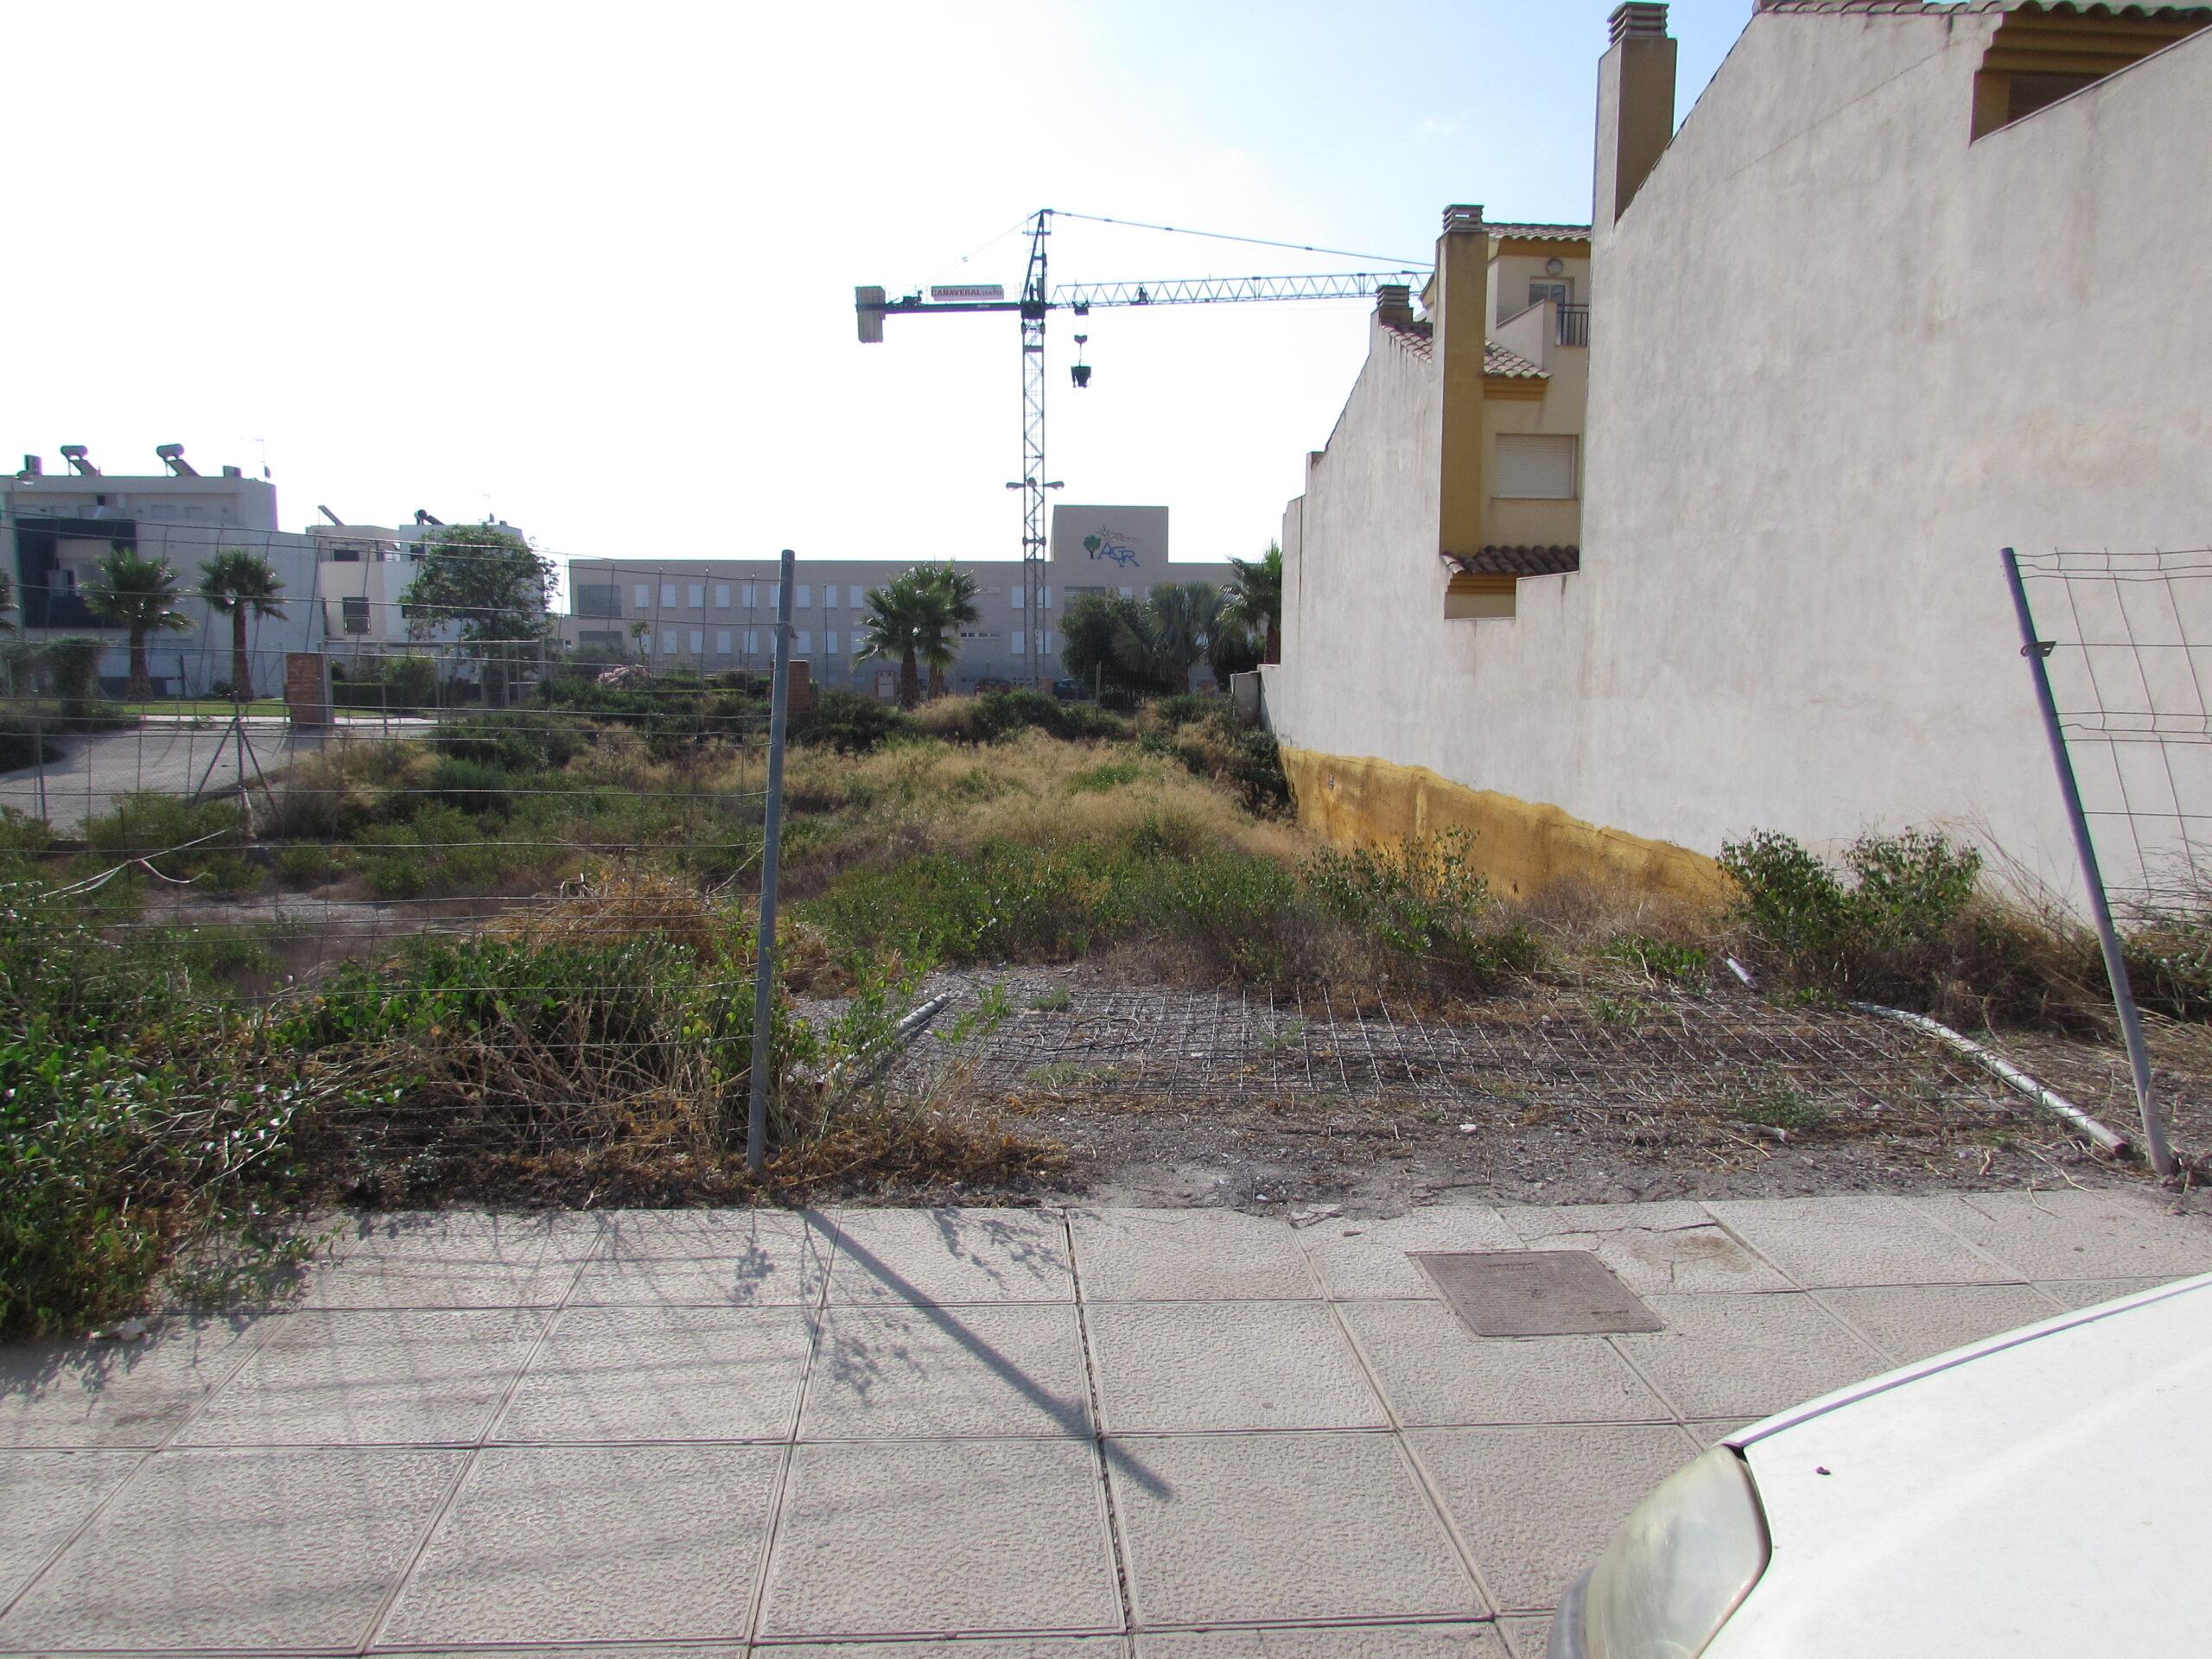 El Ayuntamiento dicta nuevos expedientes para saneamiento de fachadas y limpieza de solares particulares